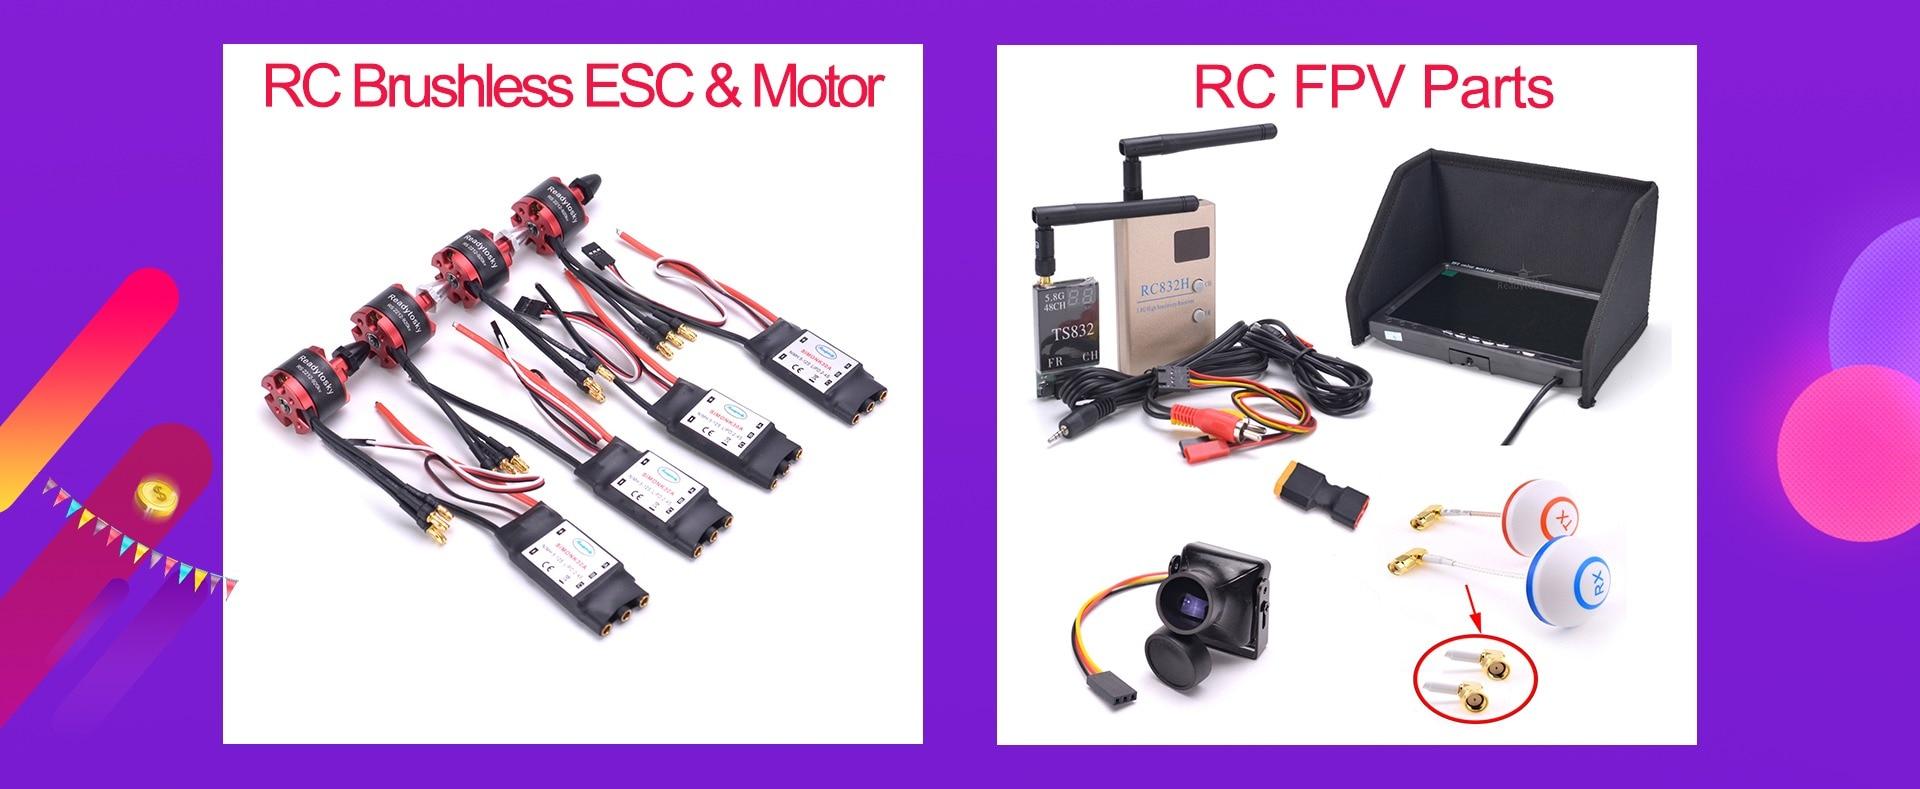 cc3d wiring diagram pdf bl20a mini esc sn20a blheli  [ 1920 x 789 Pixel ]